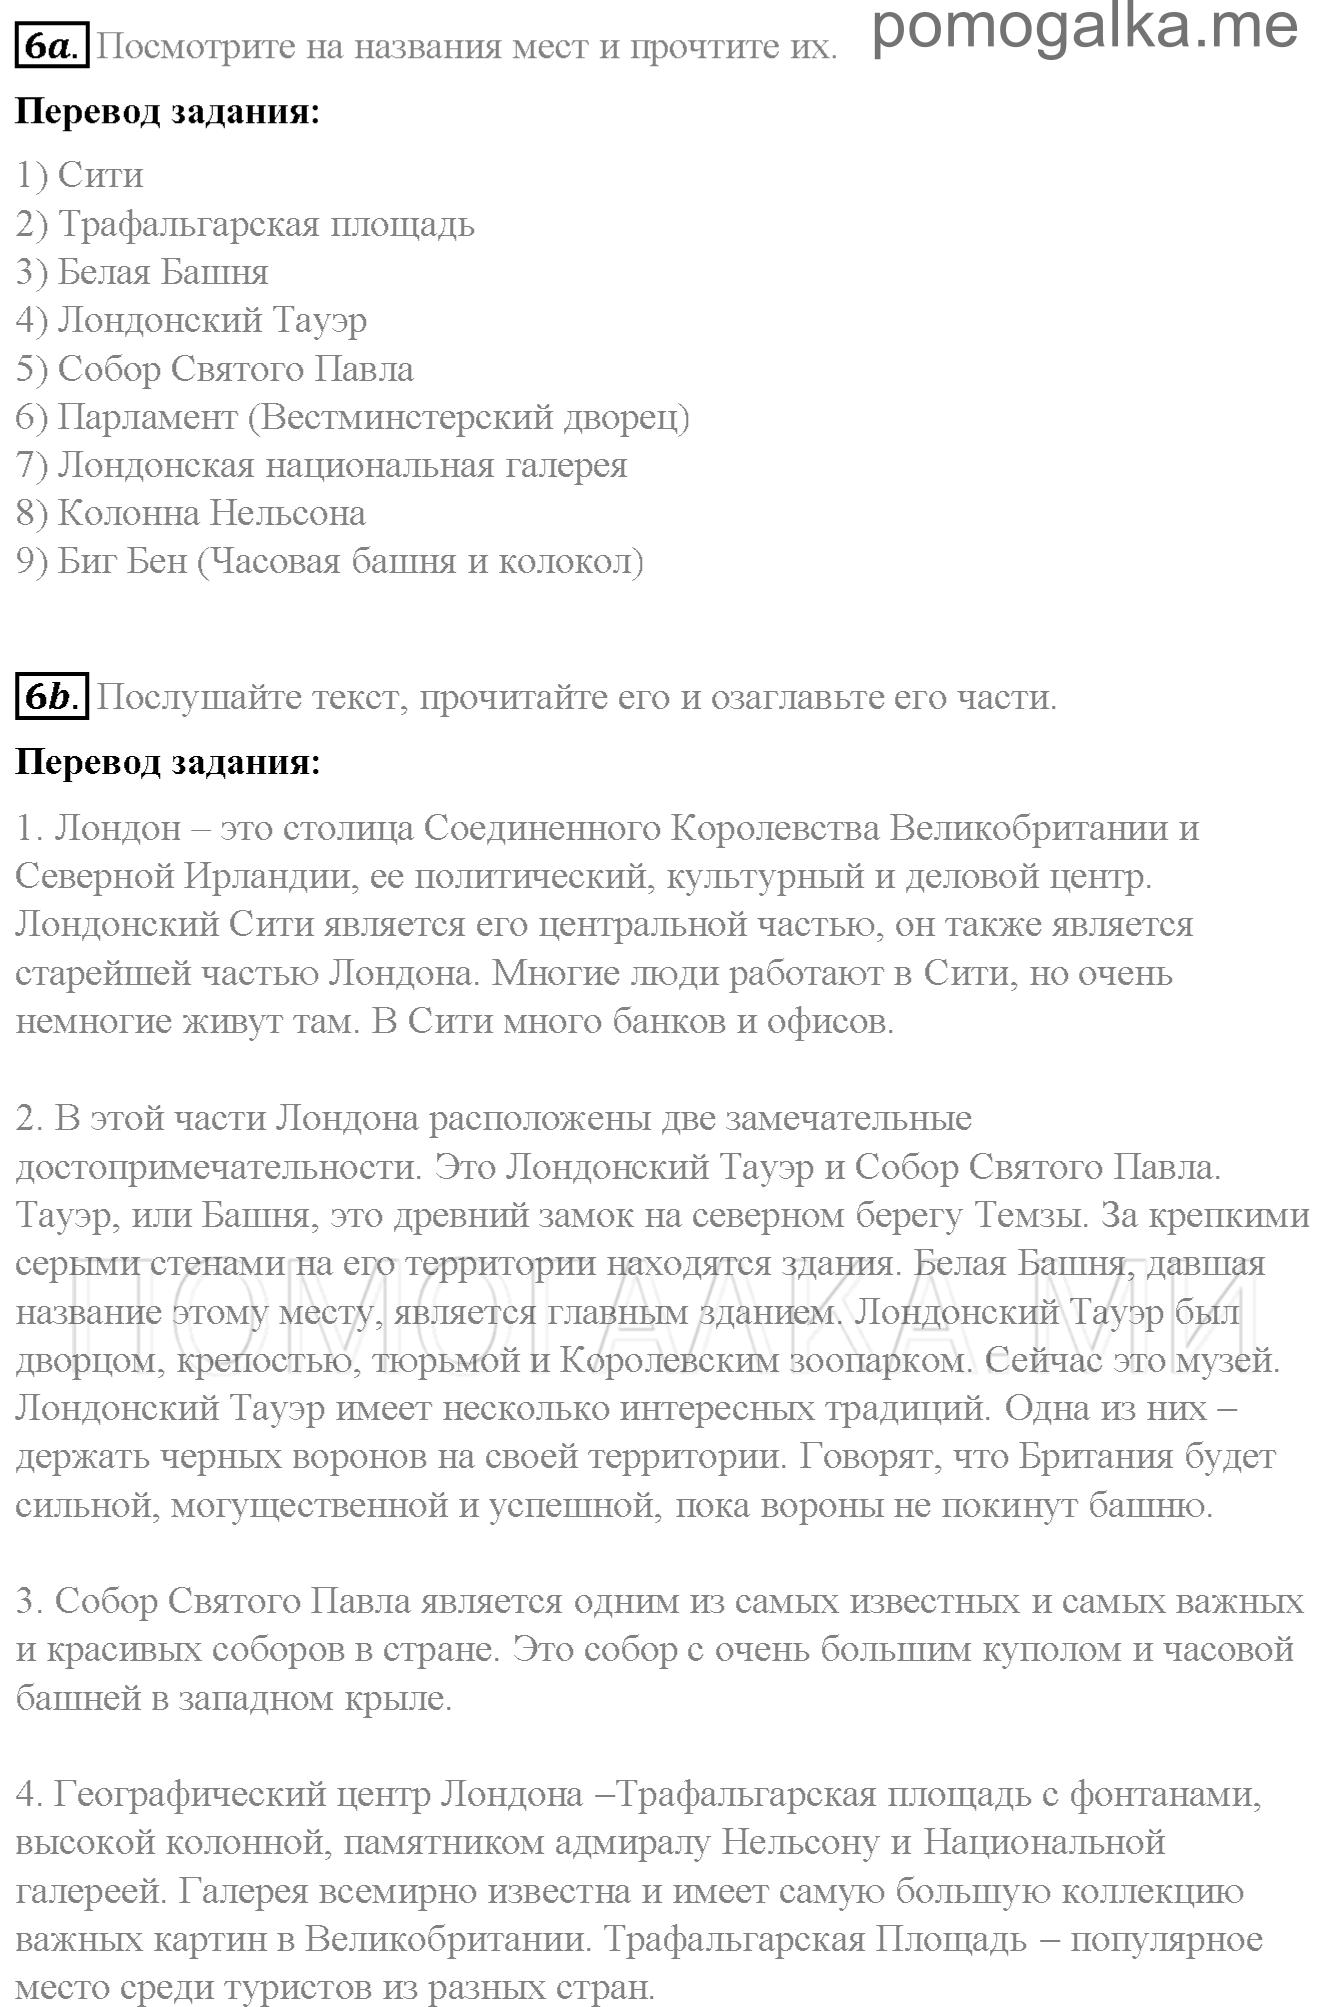 гдз по английскому 6 класс перевод текстов афанасьева